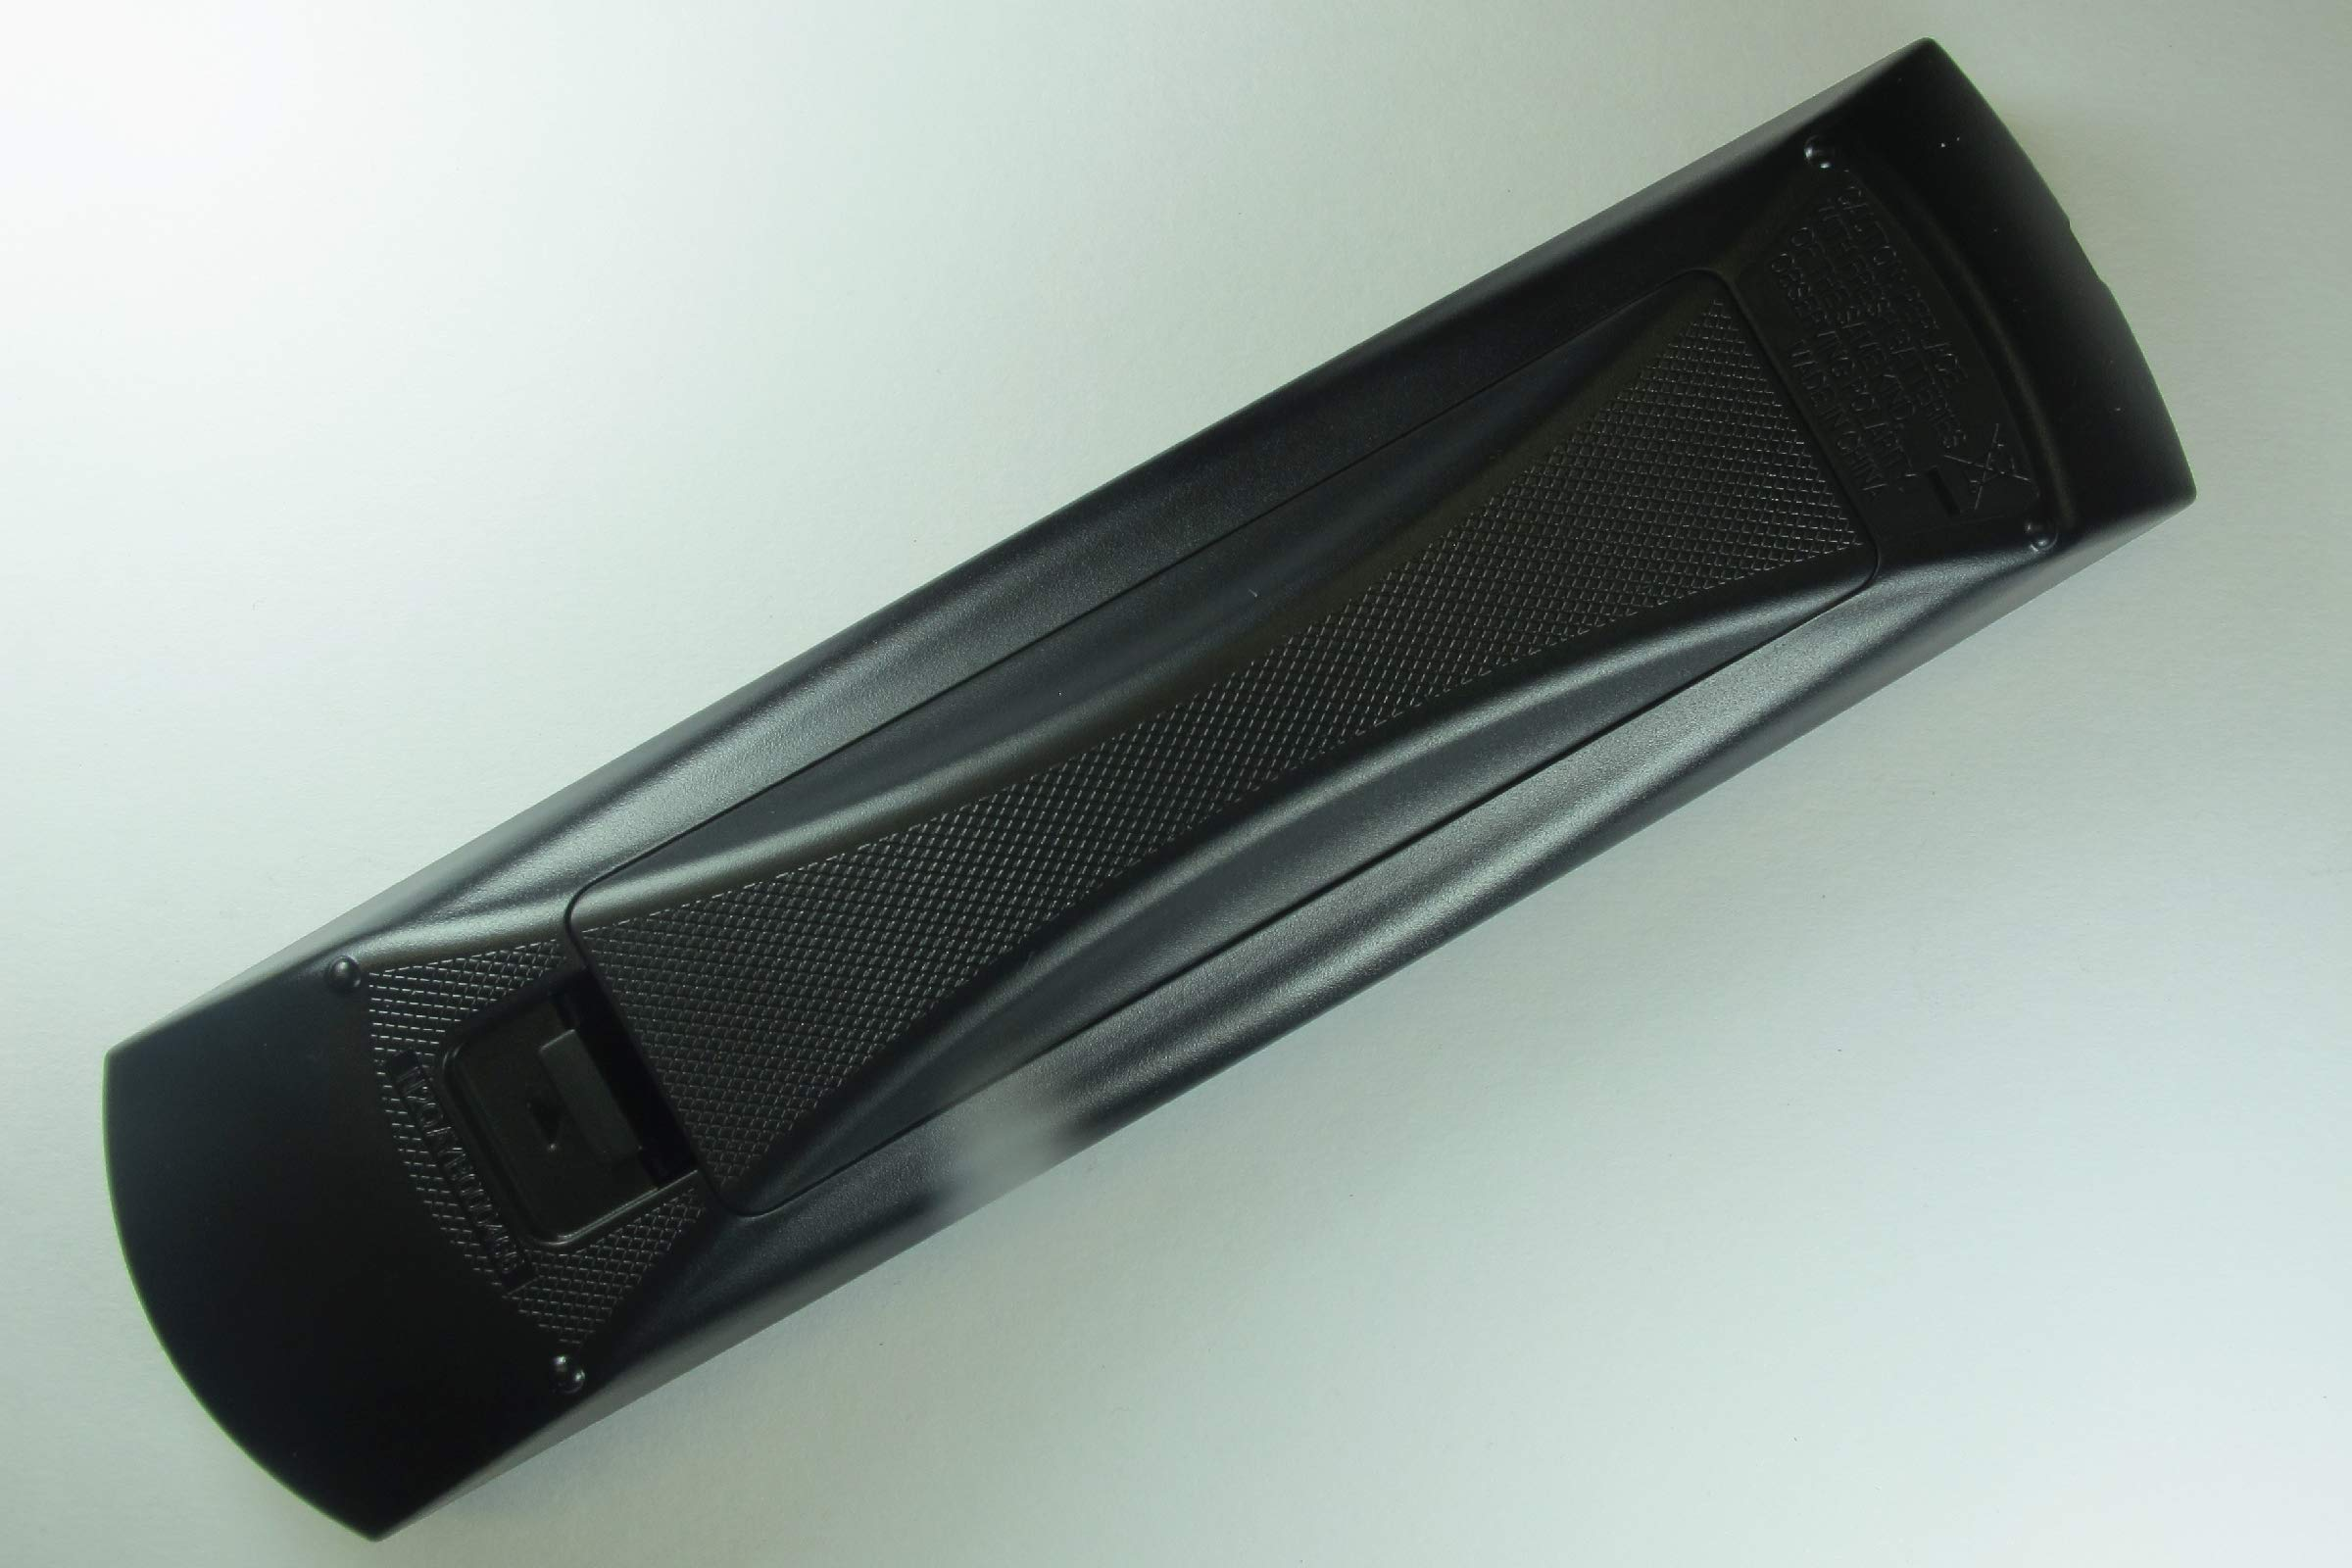 71QJUX1StaL - Panasonic DMR-EZ49VEBK Genuine DVD Recorder Remote Control N2QAYB000466